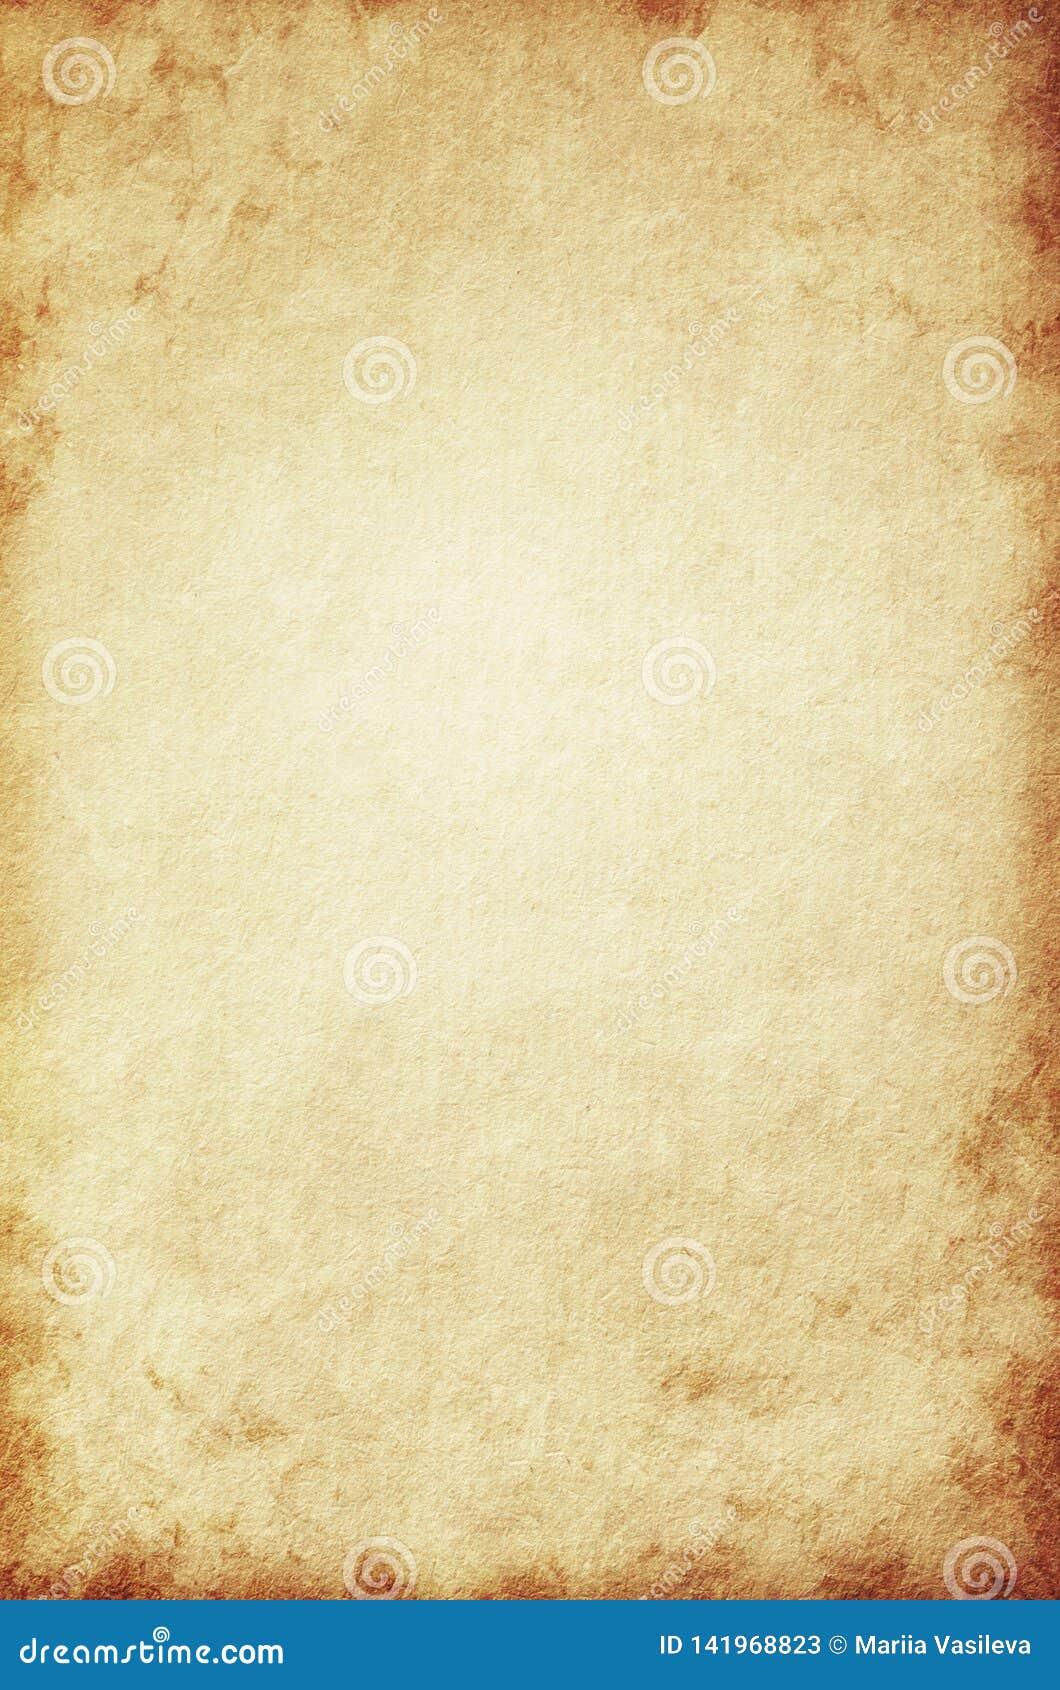 Grunge tło, beż papierowa tekstura, papier, stary, rocznik żółty, retro, szorstki, brązowić, plamy